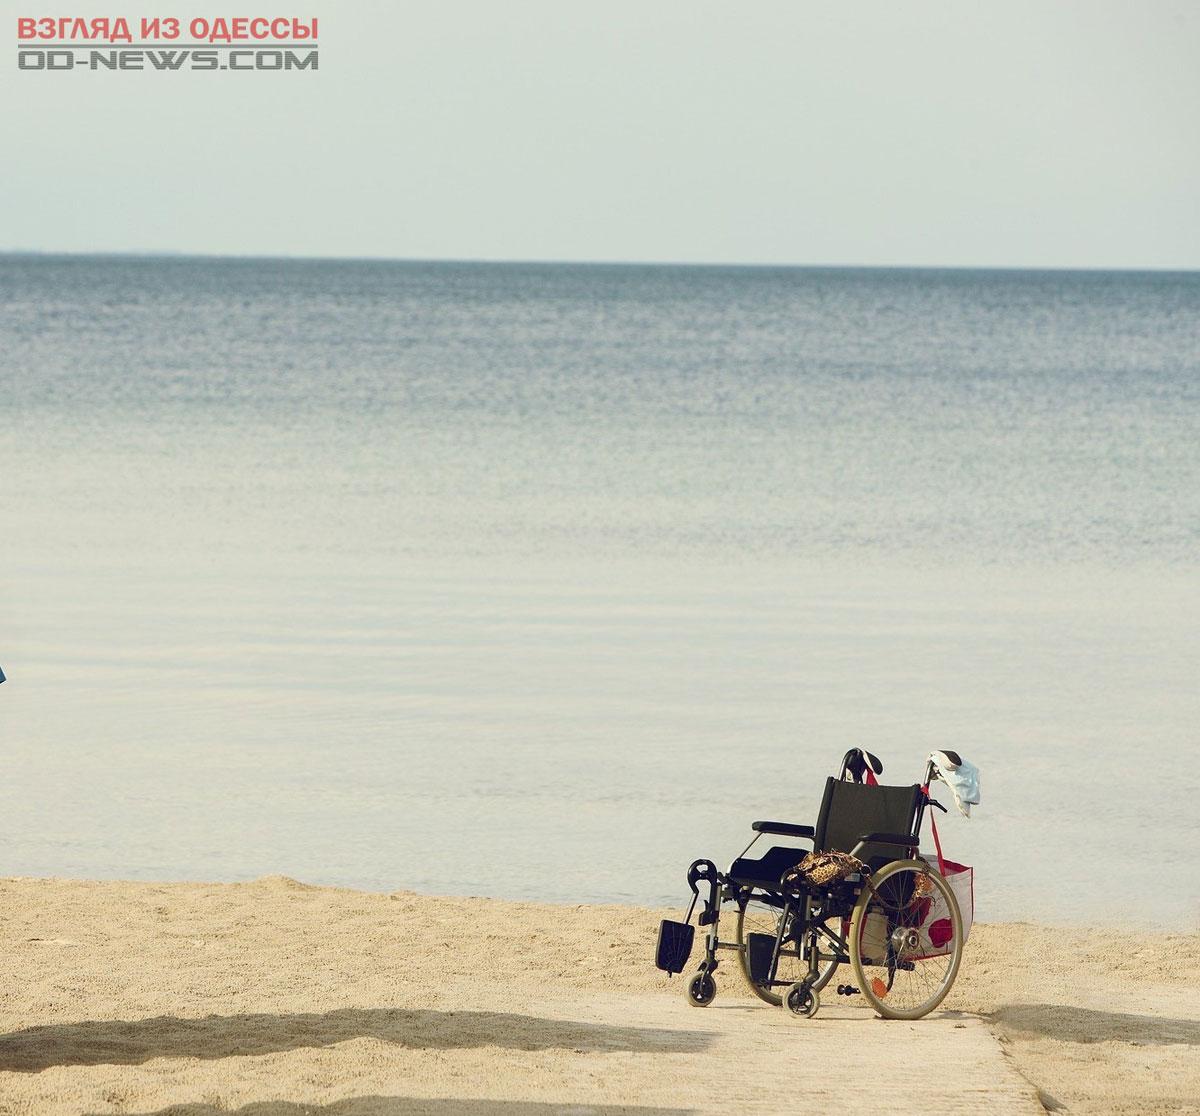 Пляжи Одессы станут комфортными для людей с ограниченными возможностями